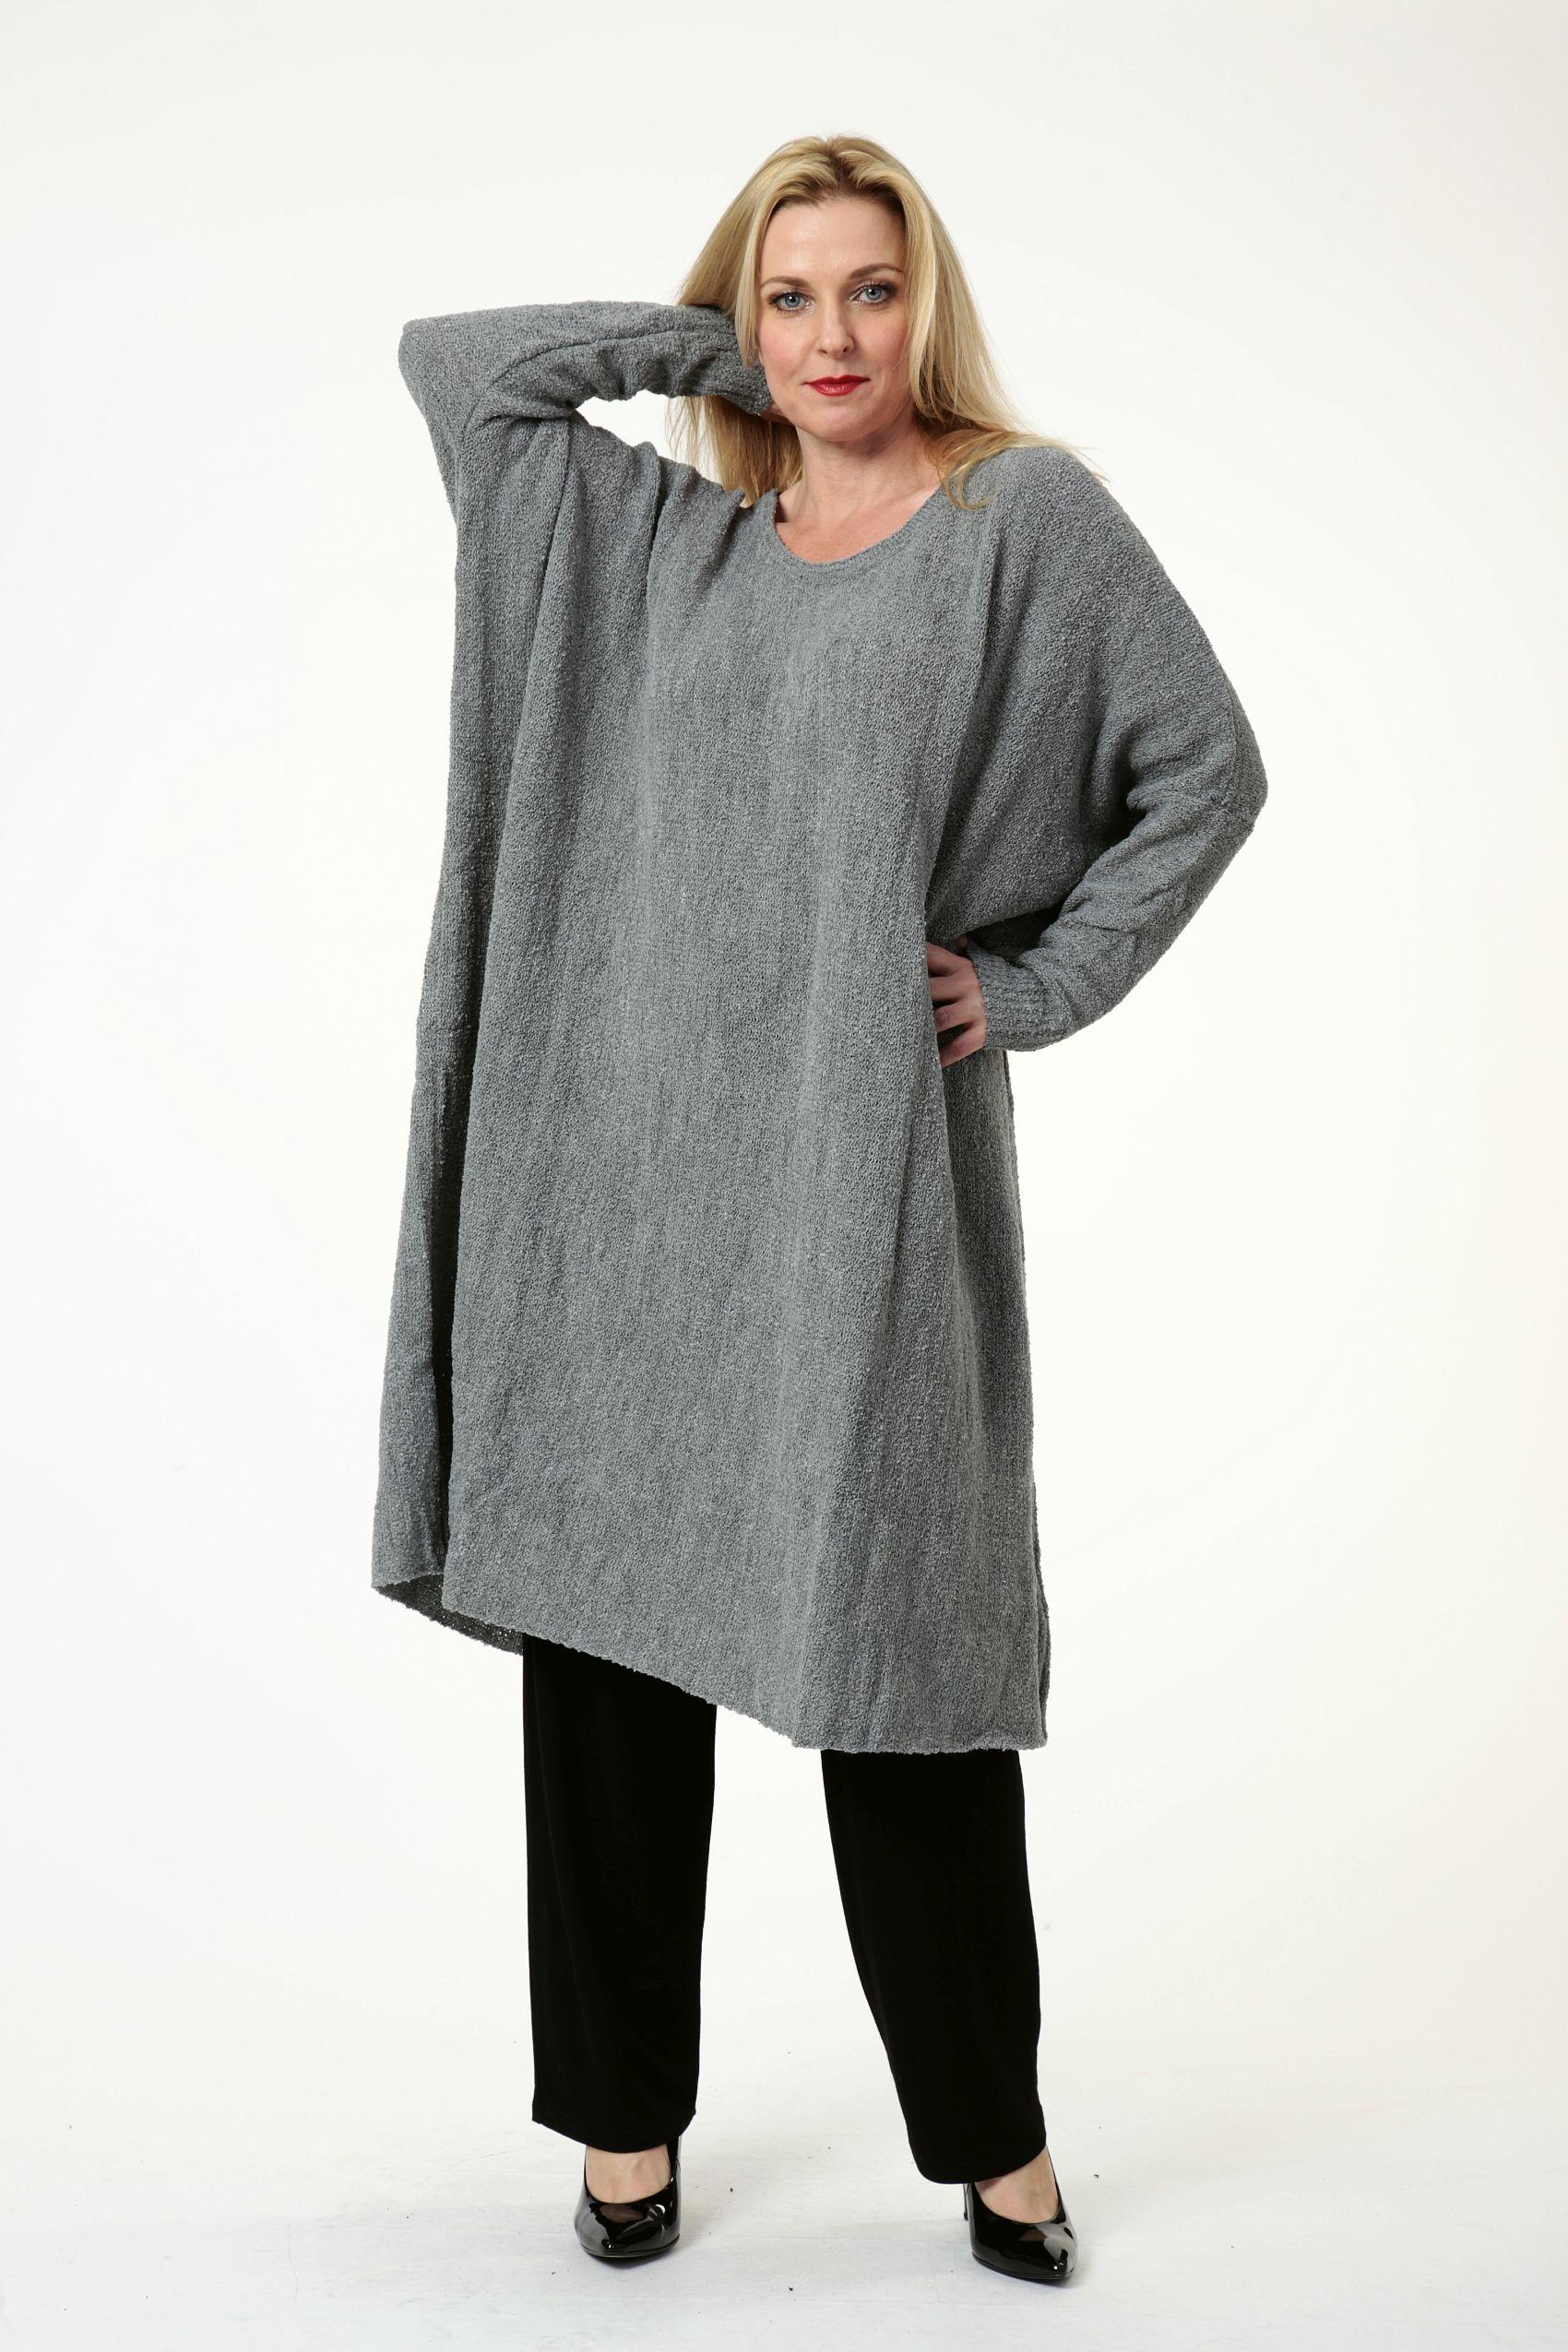 Lagenlook Pullover-Kleider grau oder petrol große Größen